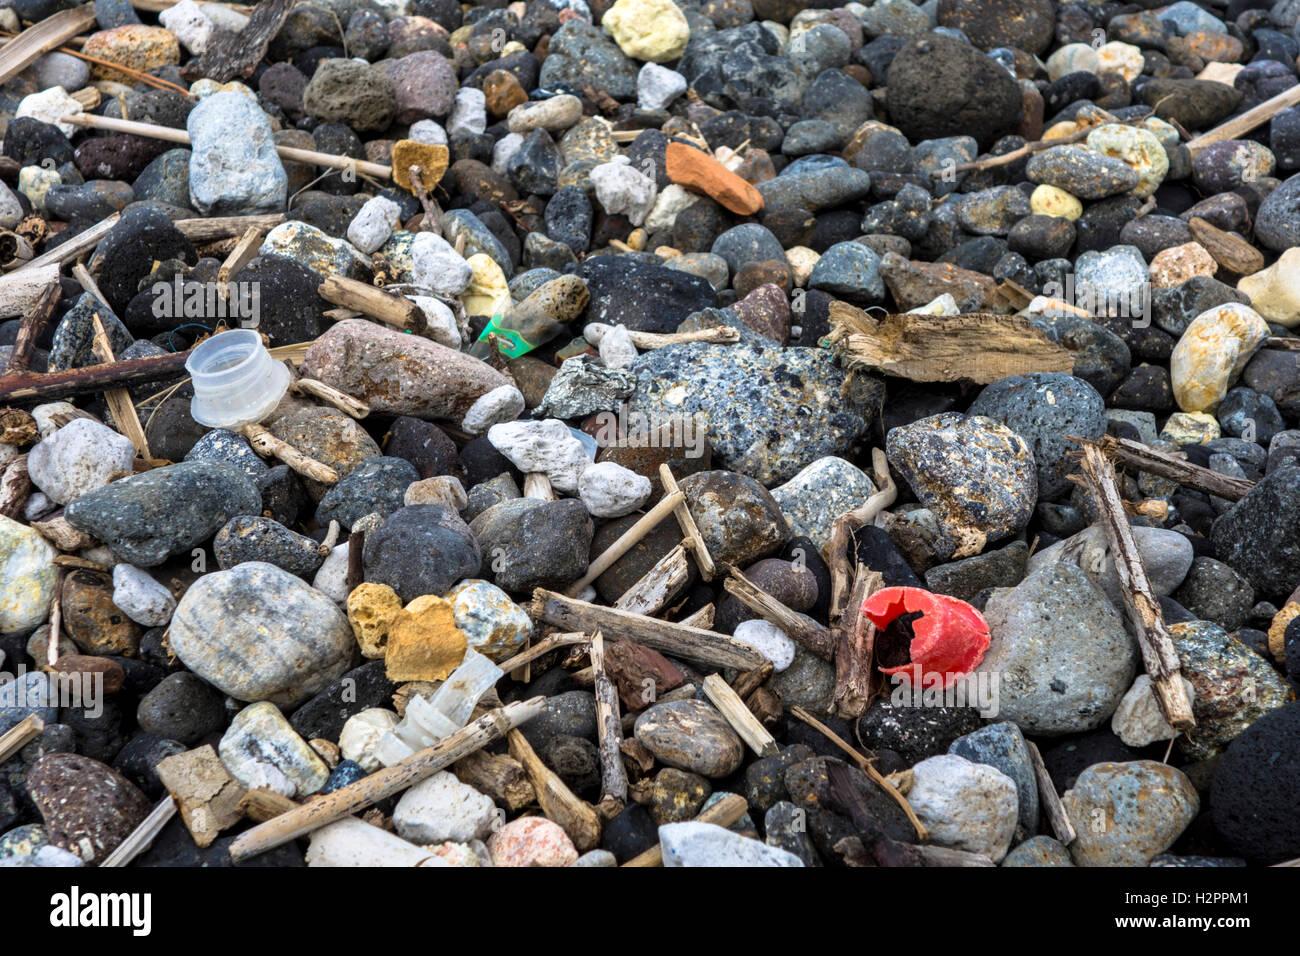 flotsam and jetsam - Stock Image